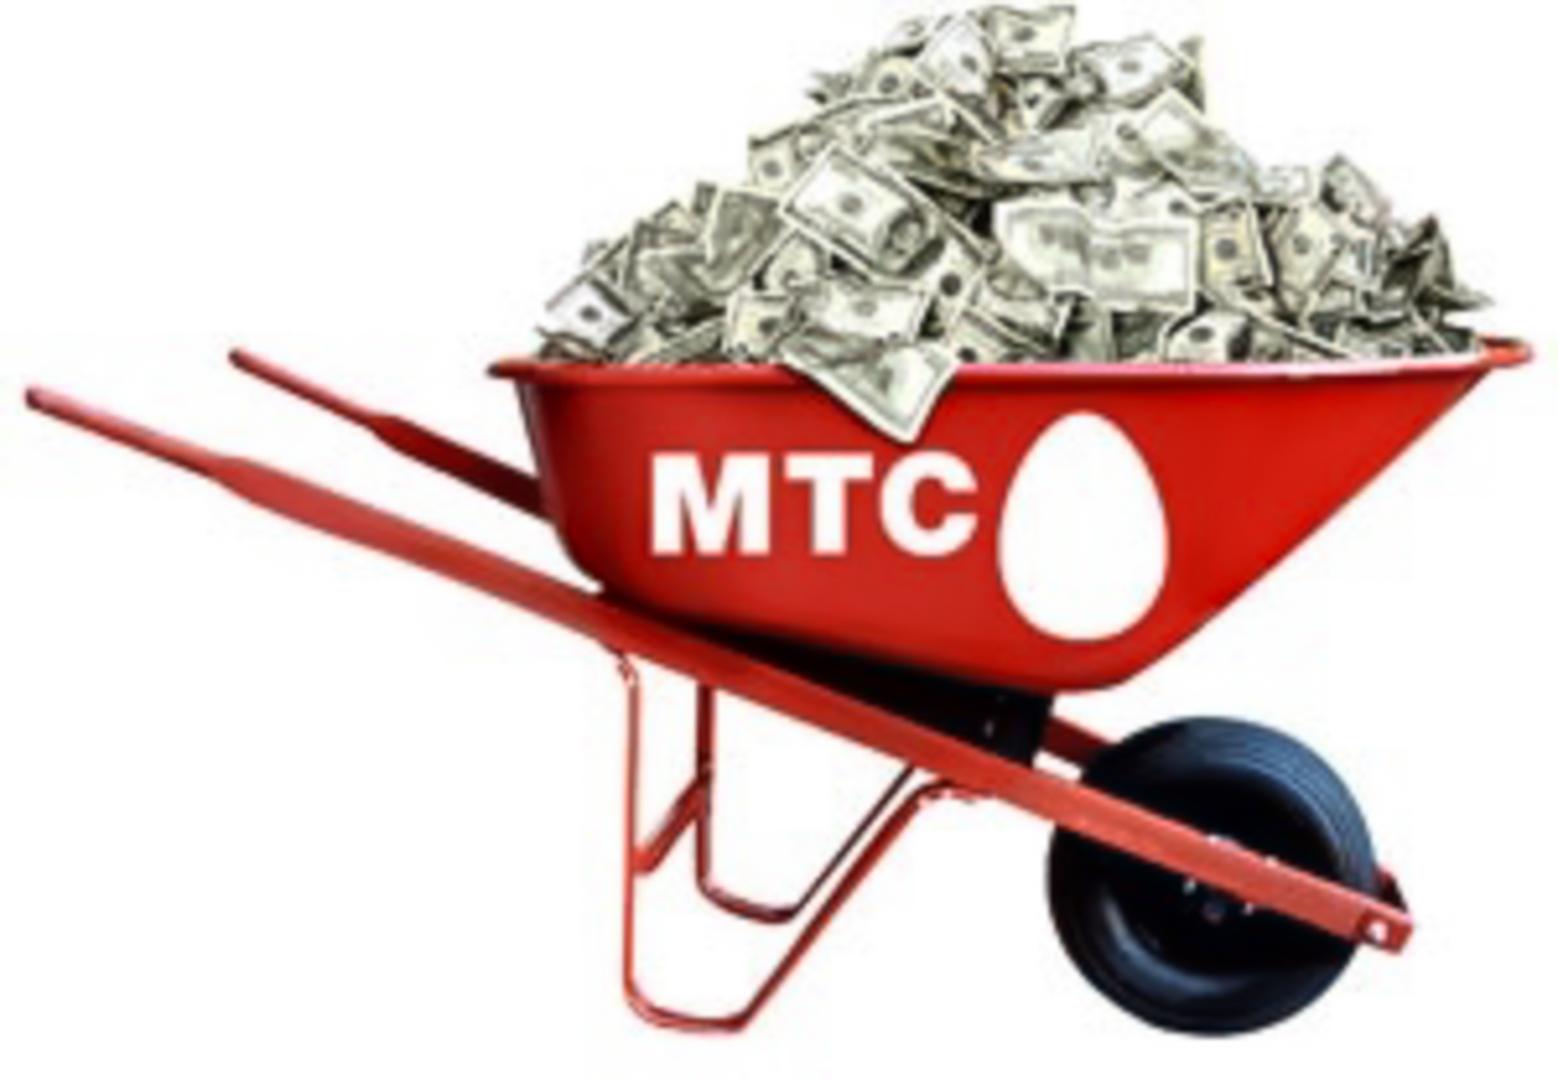 Цифра дня: какой штраф выплатит МТС по делу о взятках в Узбекистане?